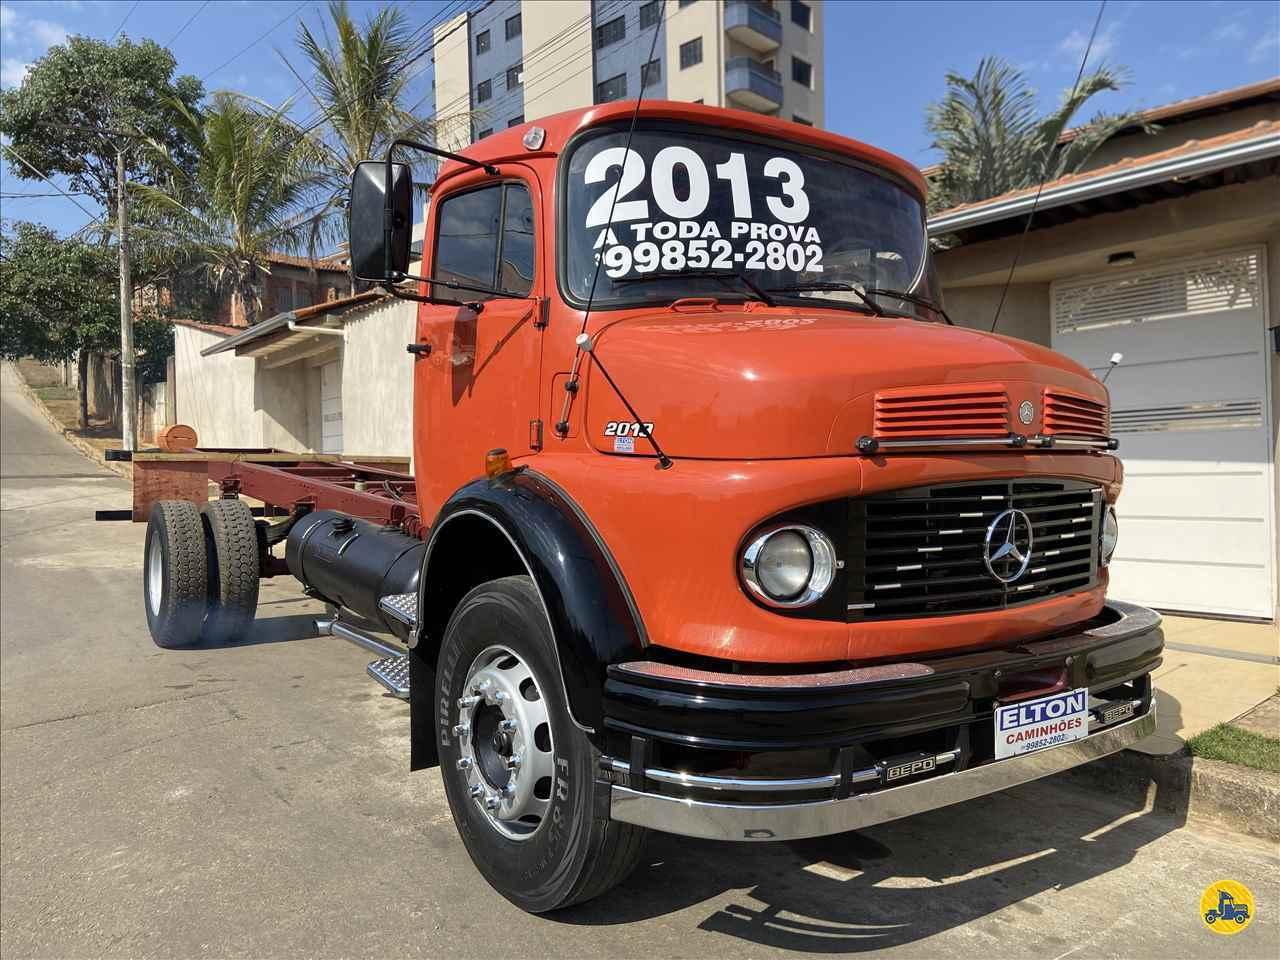 CAMINHAO MERCEDES-BENZ MB 2013 Chassis Toco 4x2 Elton Caminhões JOAO MONLEVADE MINAS GERAIS MG